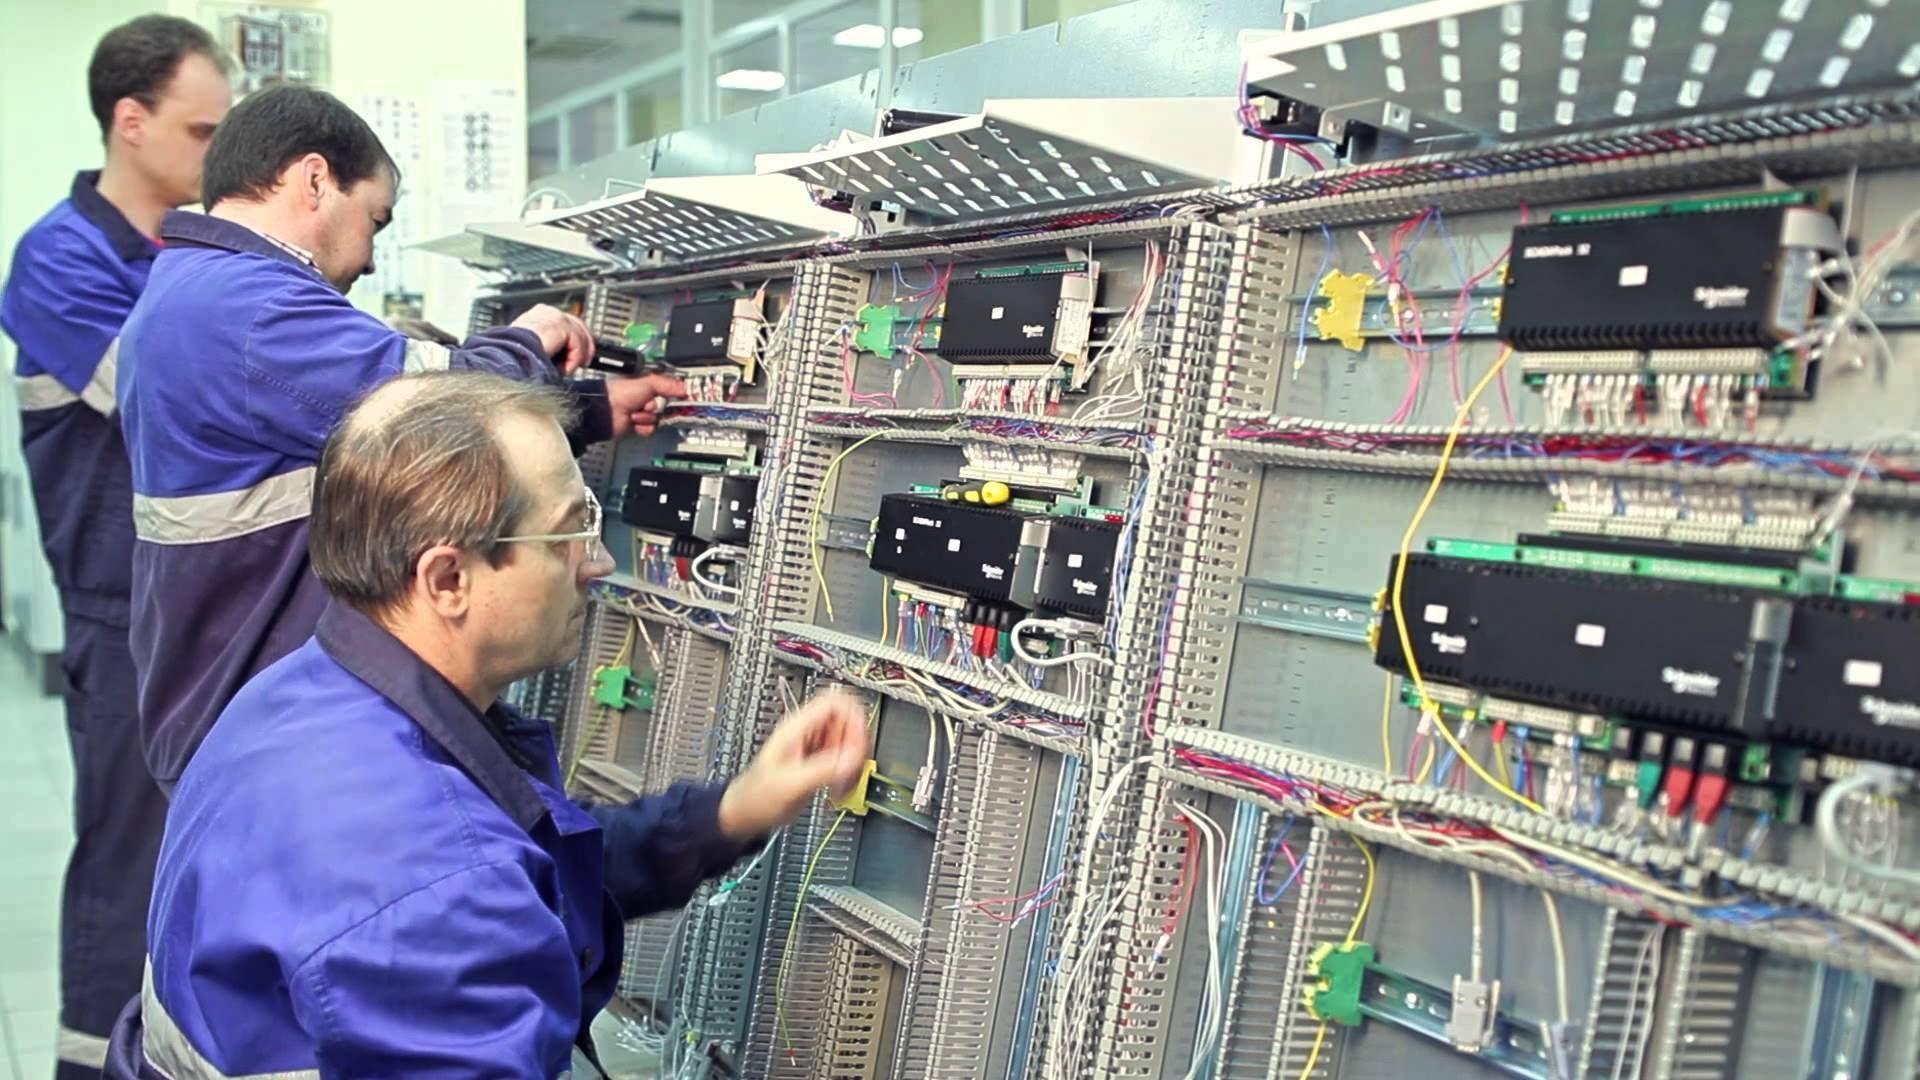 """Выполнение работ по профессии """"Наладчик приборов, аппаратуры и систем автоматического контроля, регулирования и управления (наладчик КИП и автоматики)"""""""